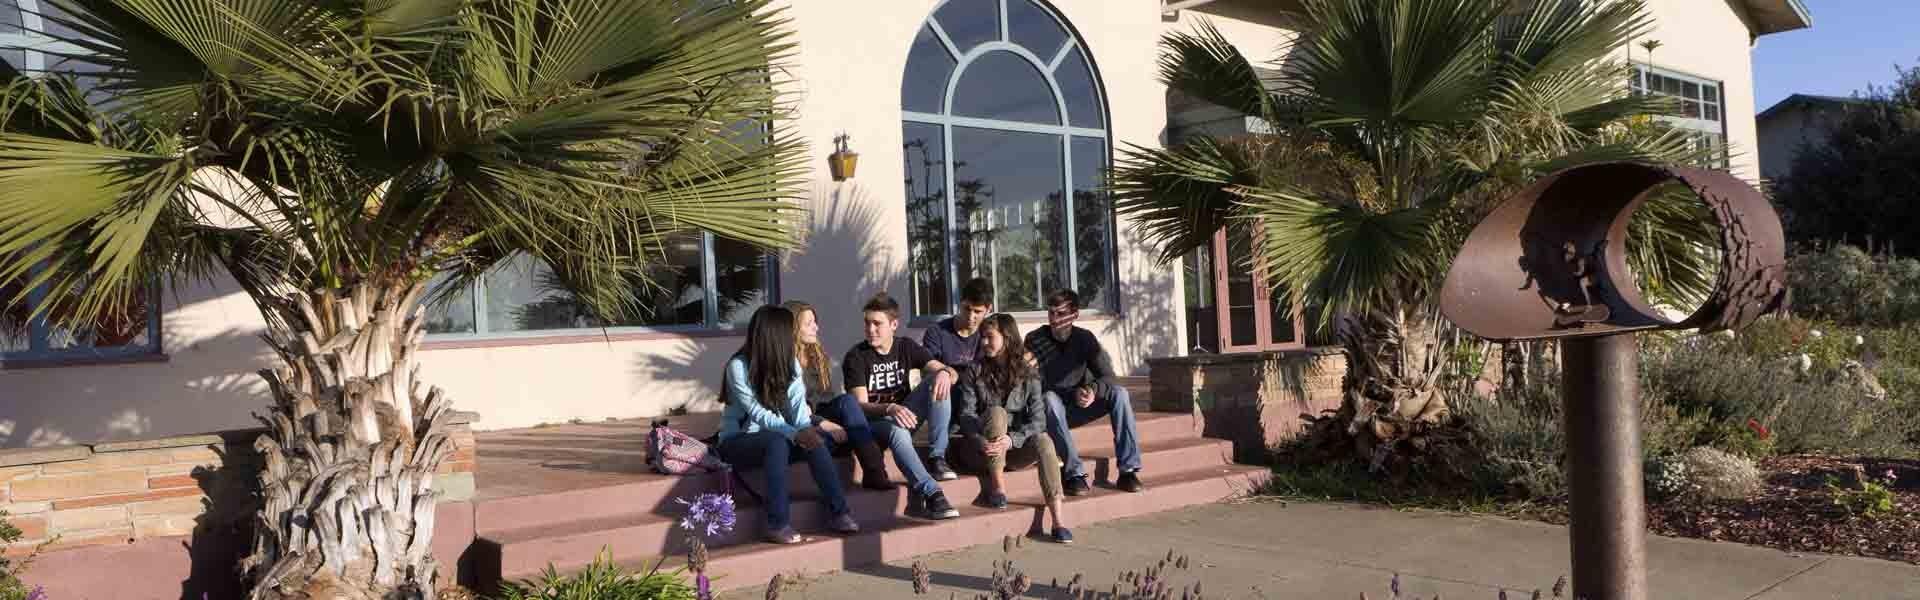 Monterey Bay Academy California USA School Entrance 2019